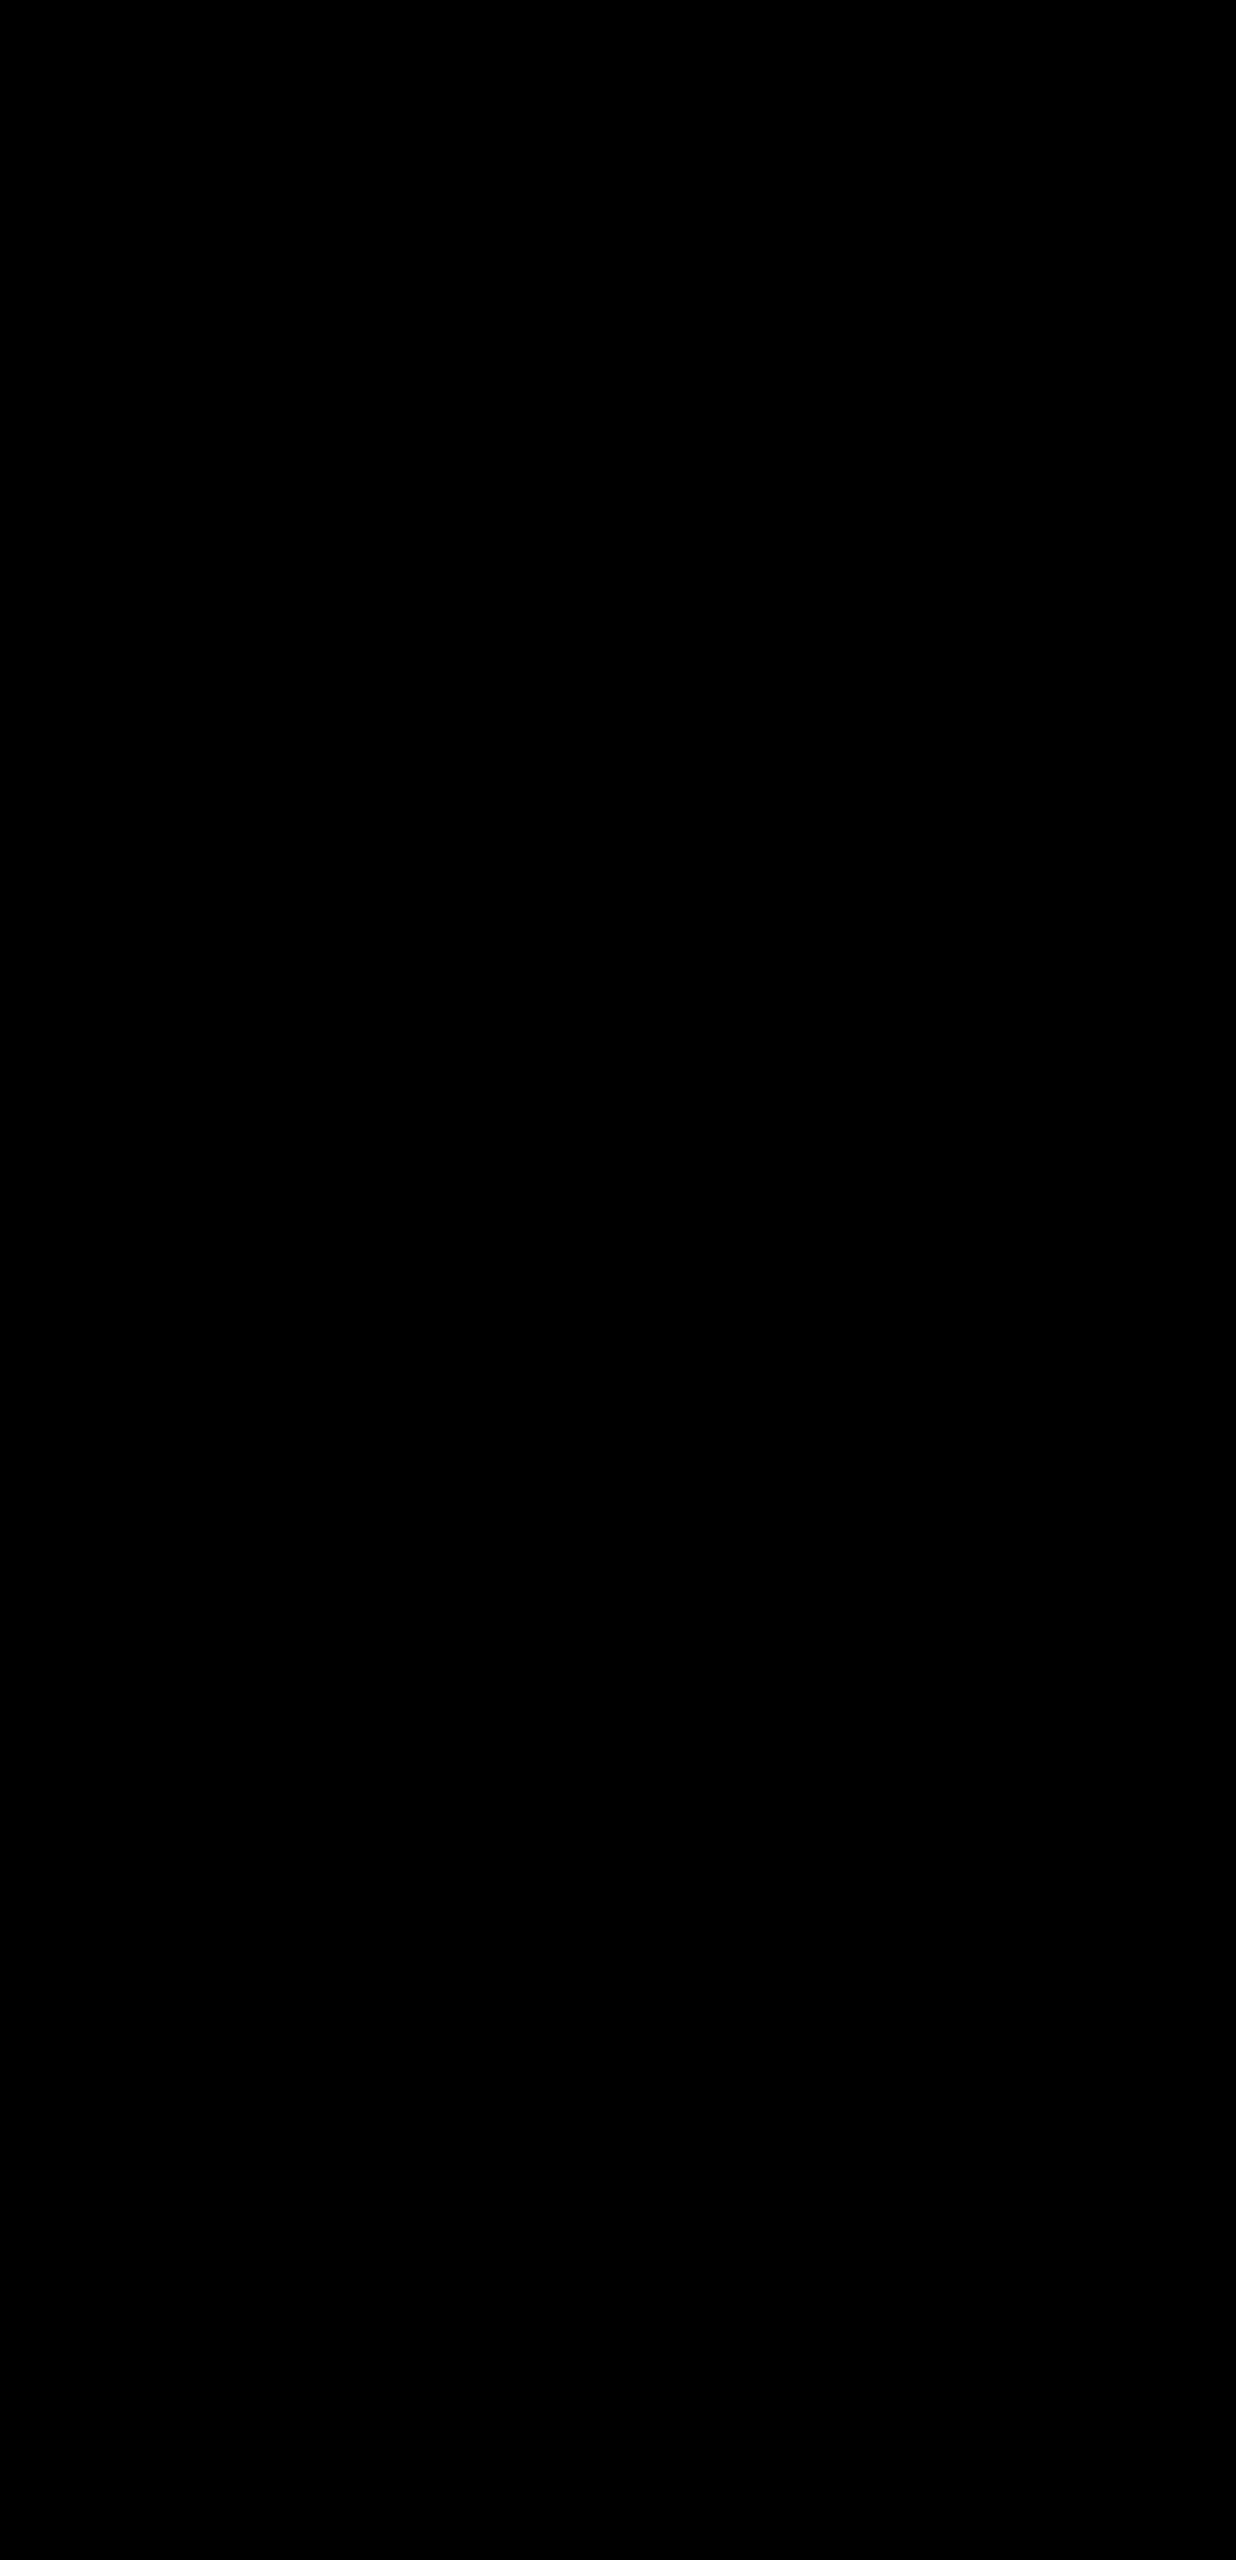 Spiegel im schwedischen Rokoko aus dem 19. Jahrhundert